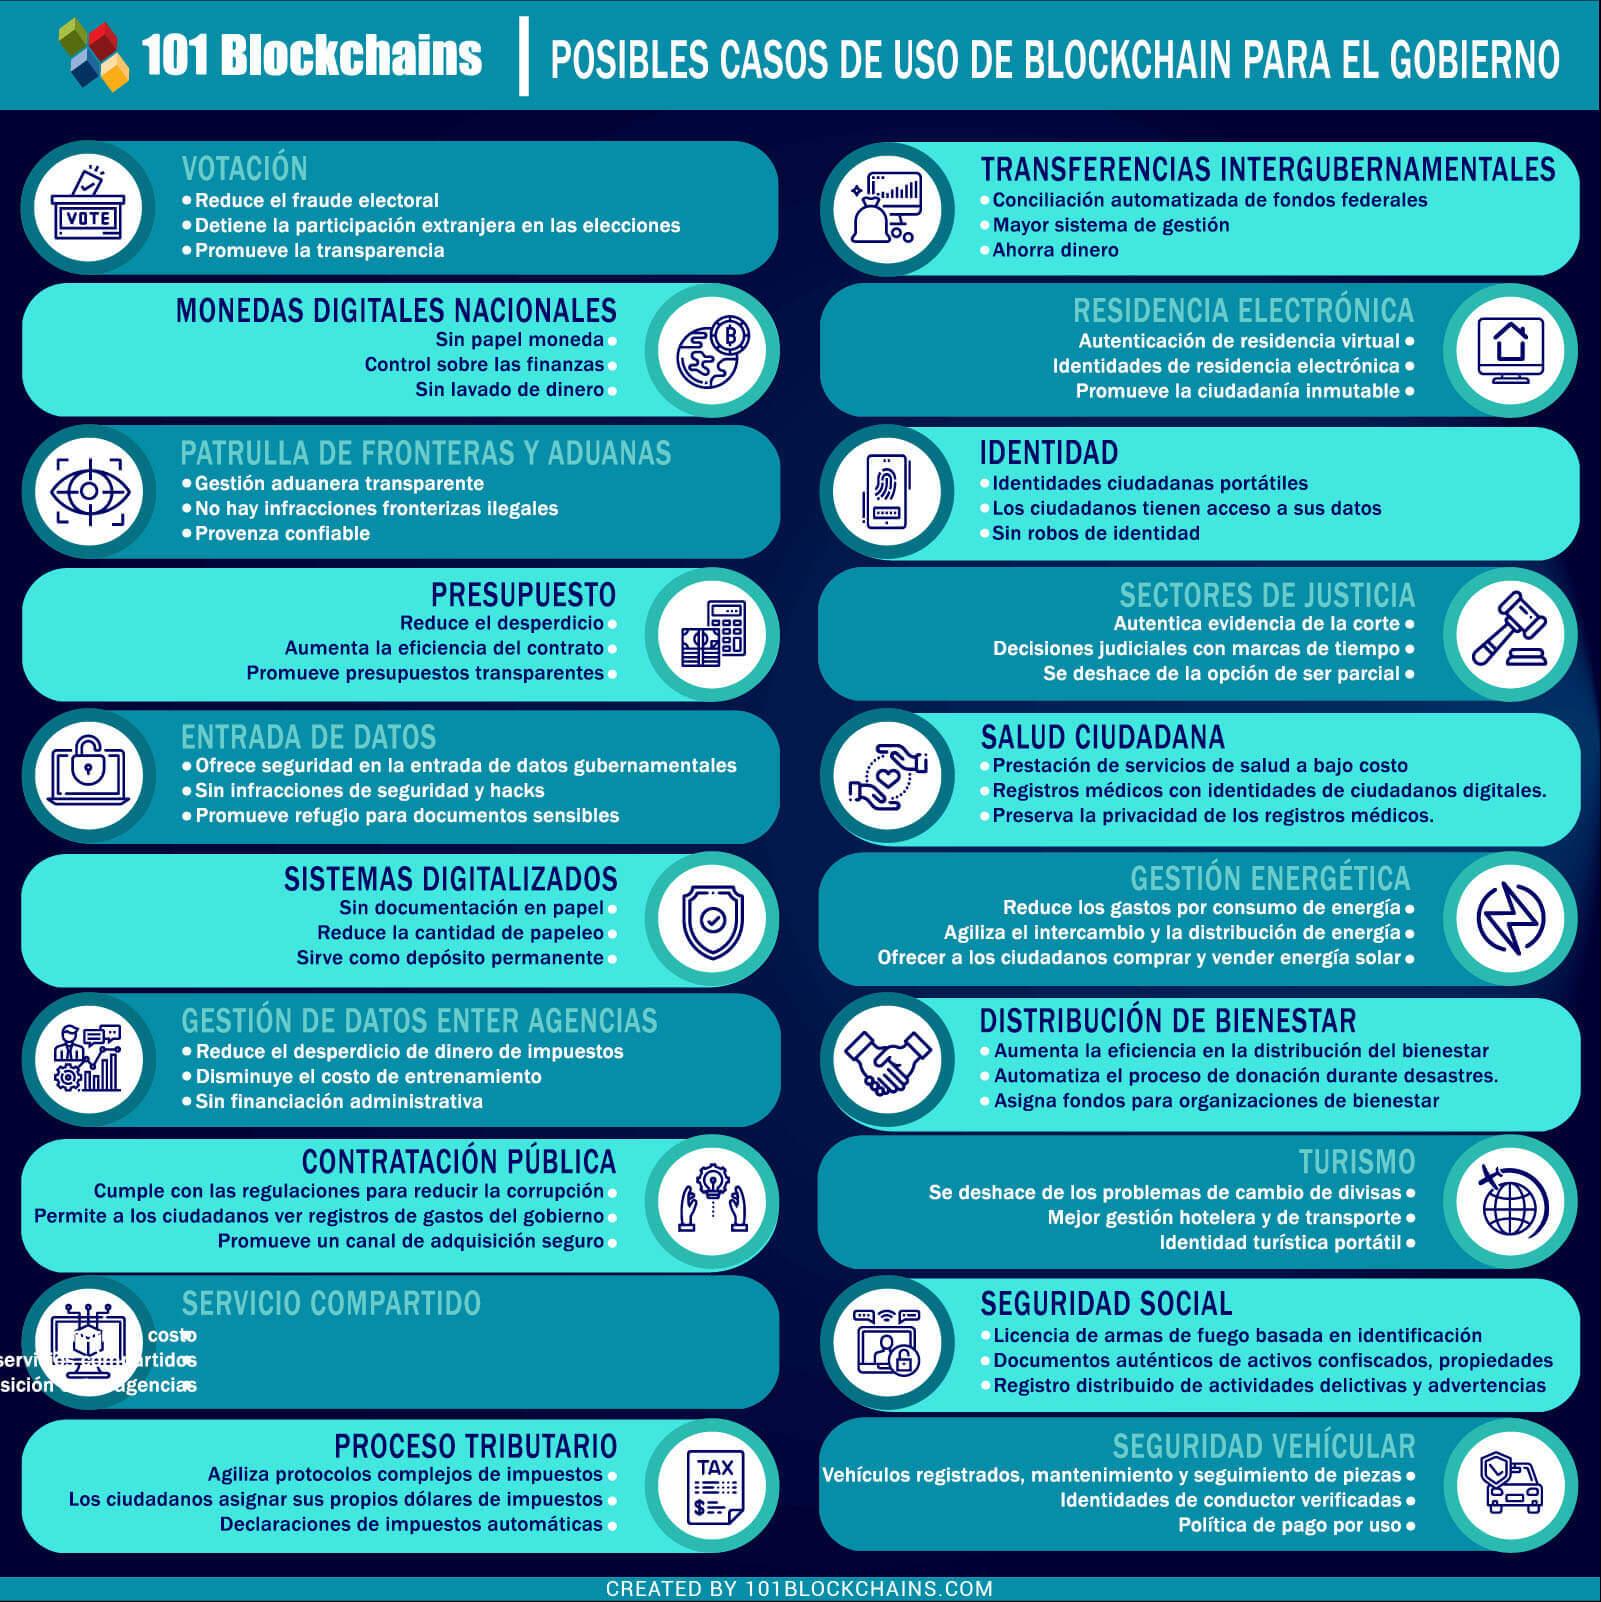 POSIBLES CASOS DE USO DE BLOCKCHAIN PARA EL GOBIERNO